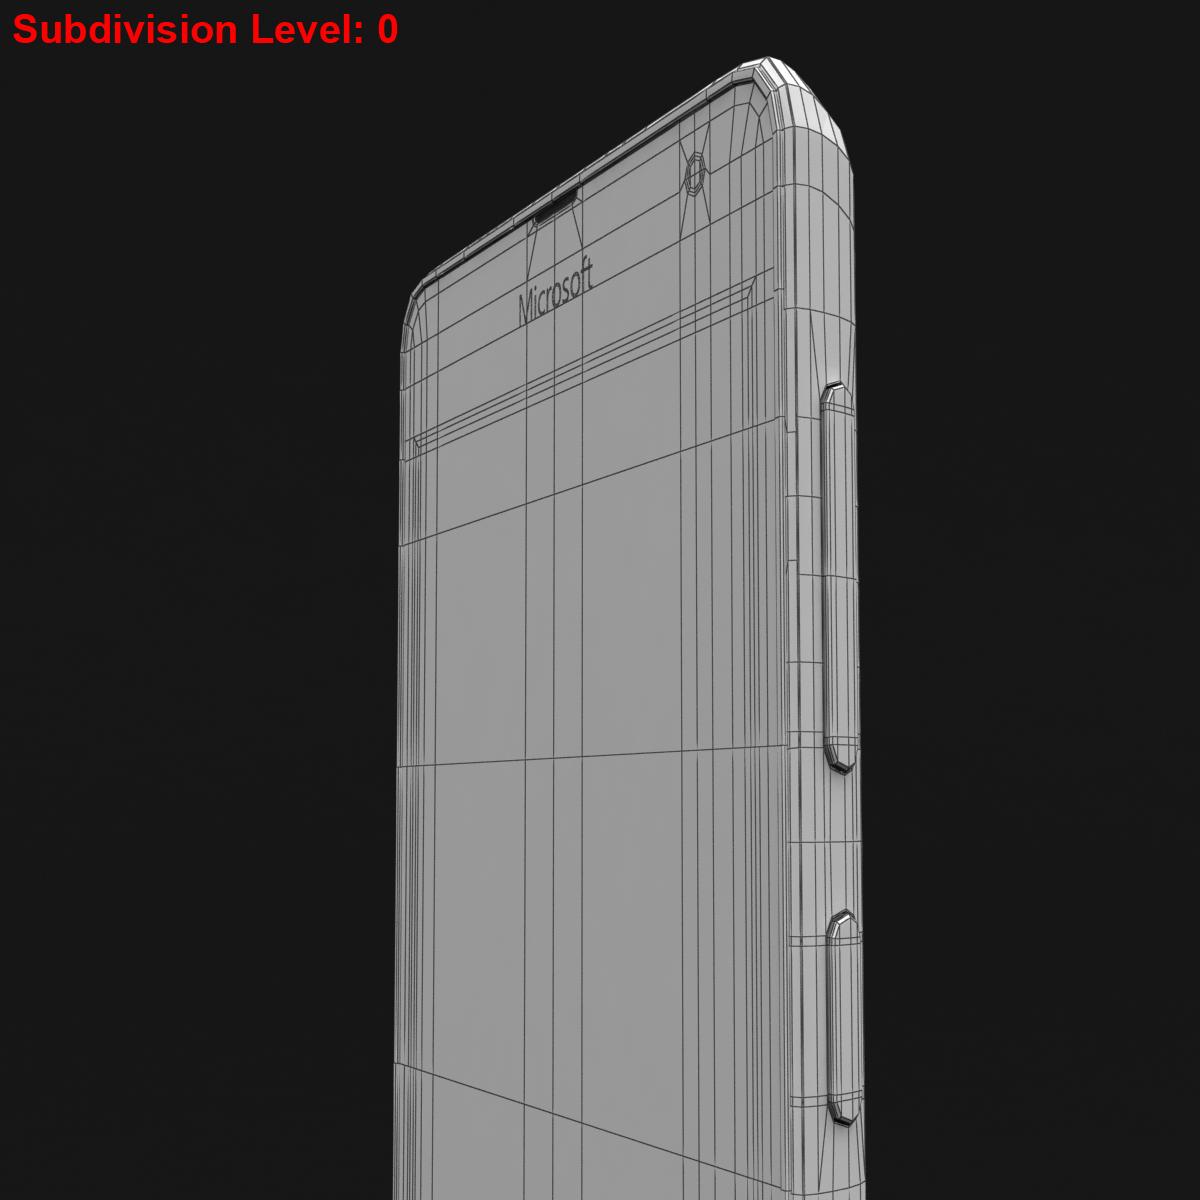 microsoft lumia 535 and dual sim all colors 3d model 3ds max fbx c4d obj 204713